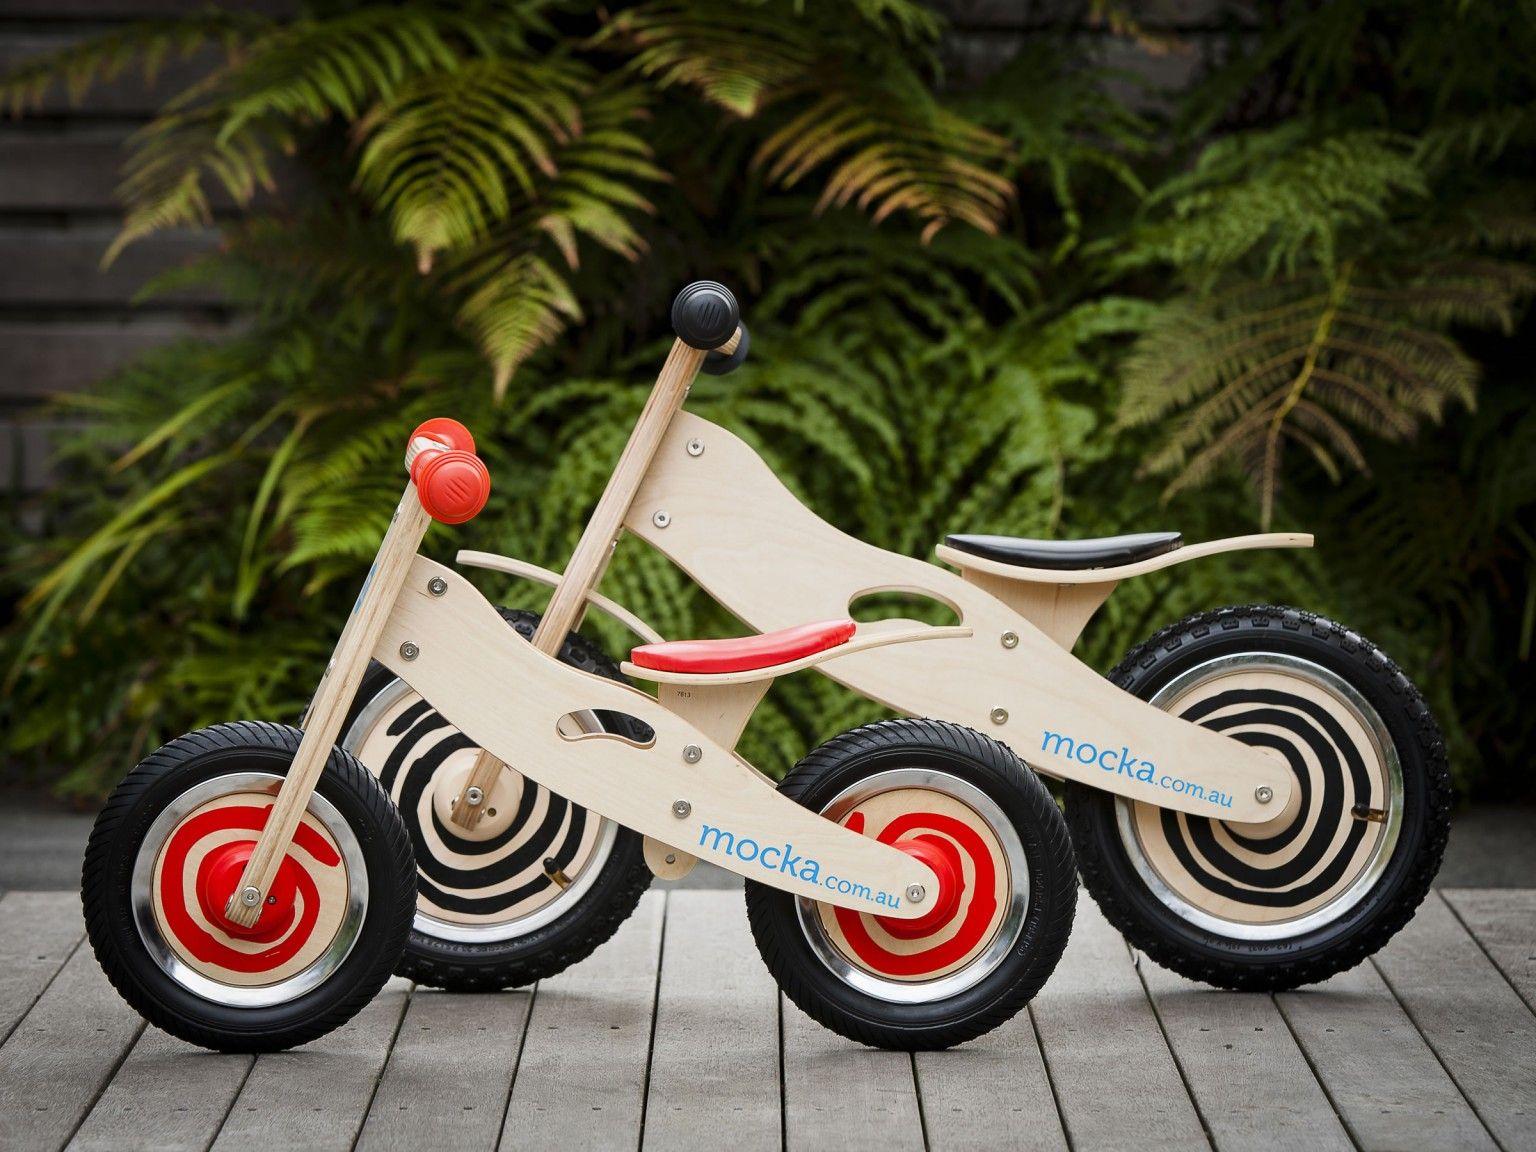 Mocka Mini Urban Balance Bike Compared To Urban Bike Balance